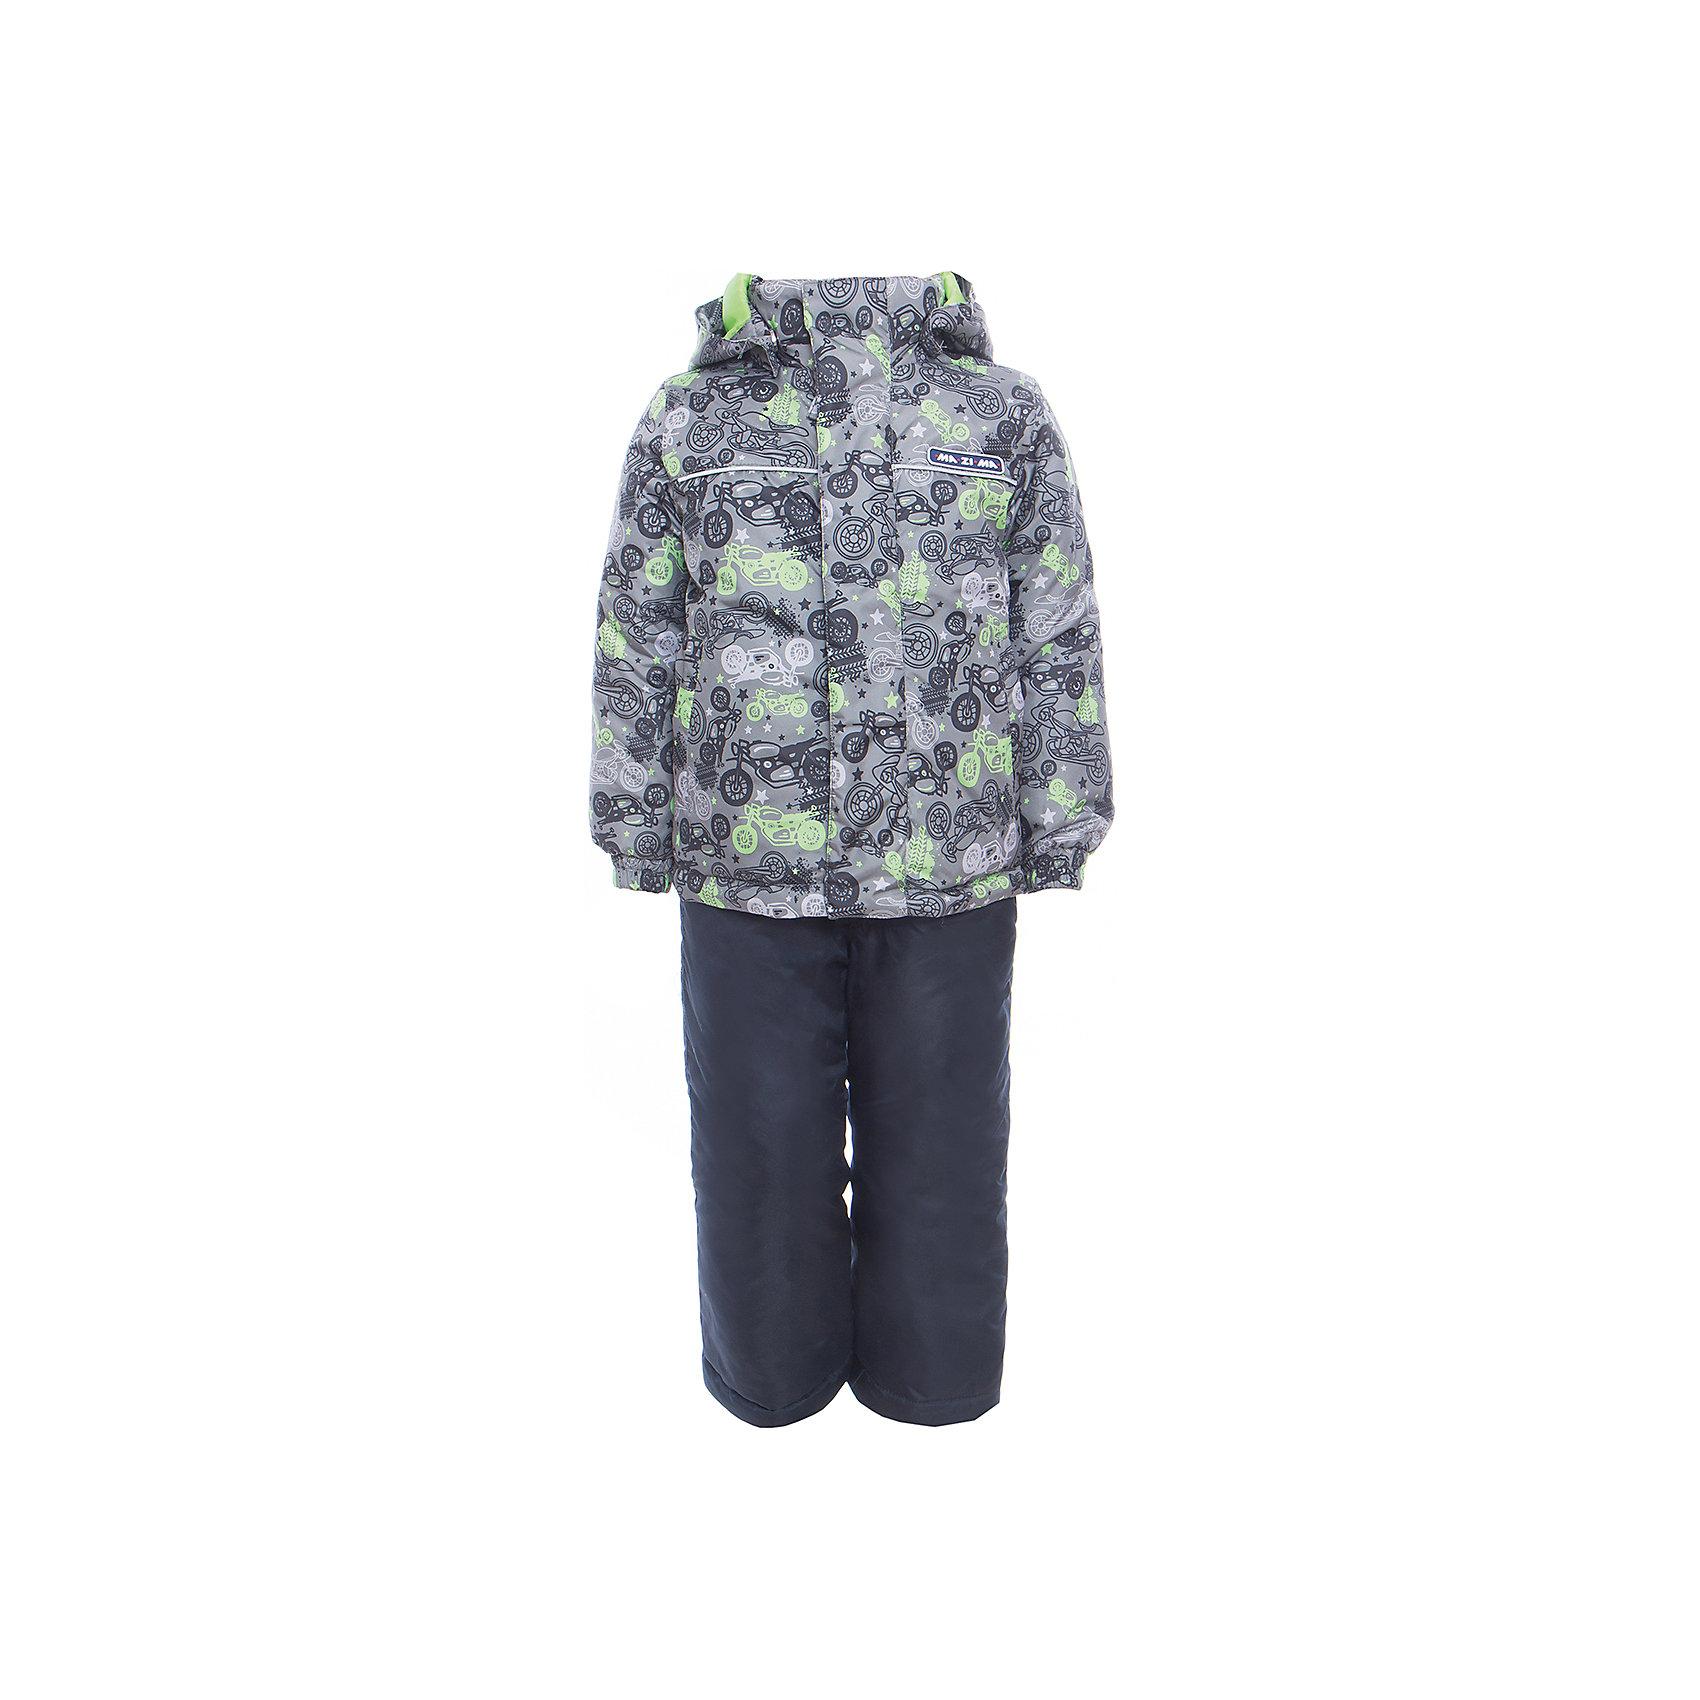 Комплект: куртка и полукомбинезон для мальчика Ma-Zi-MaВерхняя одежда<br>Характеристики товара:<br><br>• цвет: серый<br>• состав: верх - 100% полиэстер с водоотталкивающей пропиткой 3000г/м2/24H<br>• подкладка - тафетта, трикотаж с ворсом на воротнике и в капюшоне<br>• утеплитель - полиэстер, в куртке 120 г/м2,  в брюках 80 г/м2<br>• комплектация: куртка и полукомбинезон<br>• температурный режим: от -5° С до +10° С<br>• водонепроницаемый материал<br>• съемный капюшон<br>• брюки с резинкой на талии<br>• манжеты с эластичной резинкой<br>• ветрозащитная планк<br>• комфортная посадка<br>• светоотражающие элементы<br>• молния<br>• демисезонный<br>• страна бренда: Россия<br><br>Одежда от российского бренда Ma-Zi-Ma, разработанная совместно с канадскими специалистами. , пользуется популярностью у покупателей. Она стильная, качественные и удобная. Для производства продукции используются только безопасные, проверенные материалы и фурнитура. Порадуйте ребенка модными и красивыми вещами от Ma-Zi-Ma! <br><br>Комплект: куртка и полукомбинезон для мальчика от известного бренда Ma-Zi-Ma можно купить в нашем интернет-магазине.<br><br>Ширина мм: 356<br>Глубина мм: 10<br>Высота мм: 245<br>Вес г: 519<br>Цвет: серый<br>Возраст от месяцев: 96<br>Возраст до месяцев: 108<br>Пол: Мужской<br>Возраст: Детский<br>Размер: 134,140,146,152,104,110,116,122,128,92,98<br>SKU: 5383987